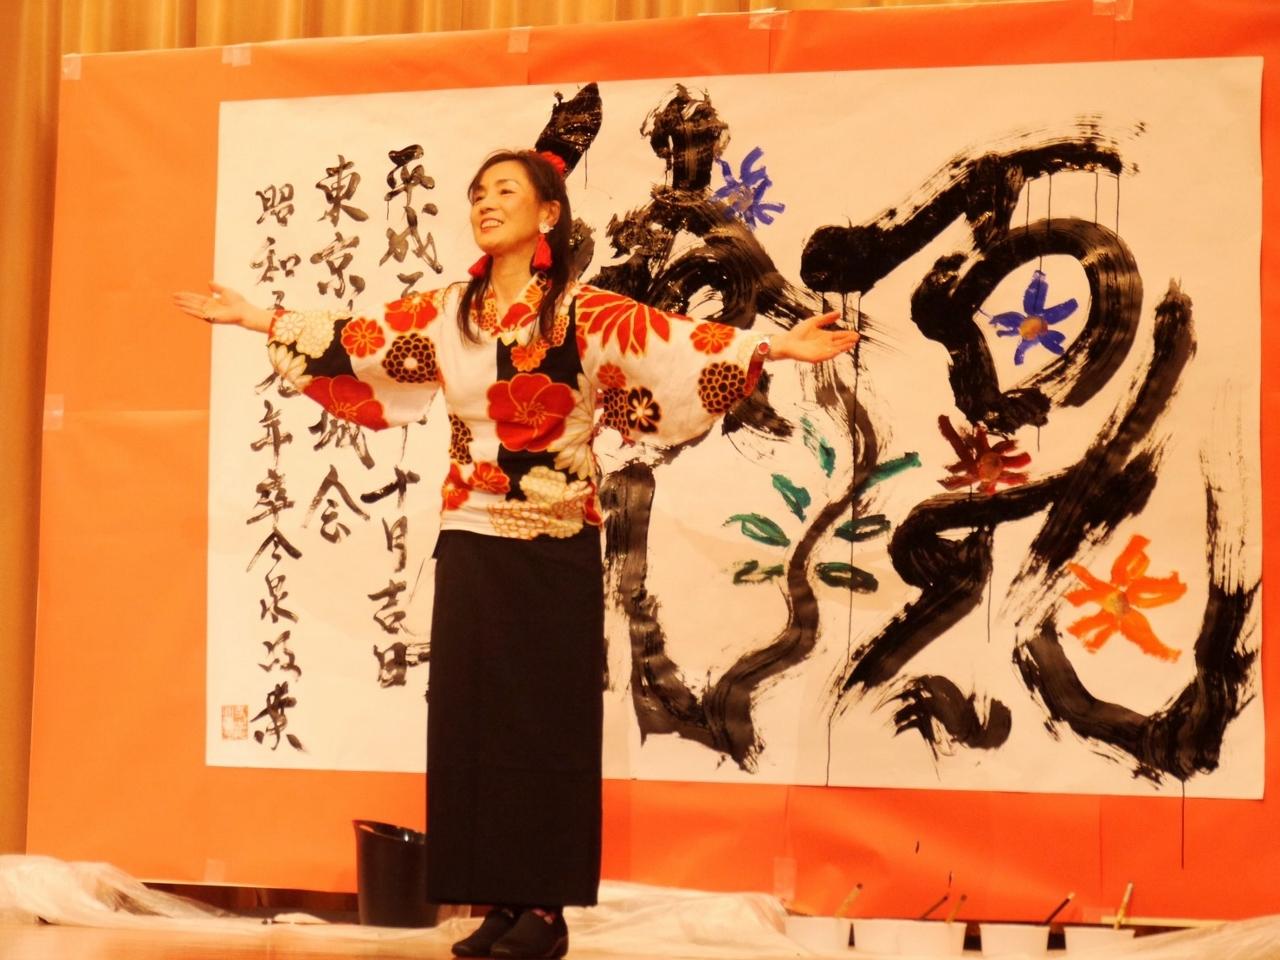 2018.10東京葛城会・上野精養軒ステージで4-1280x960